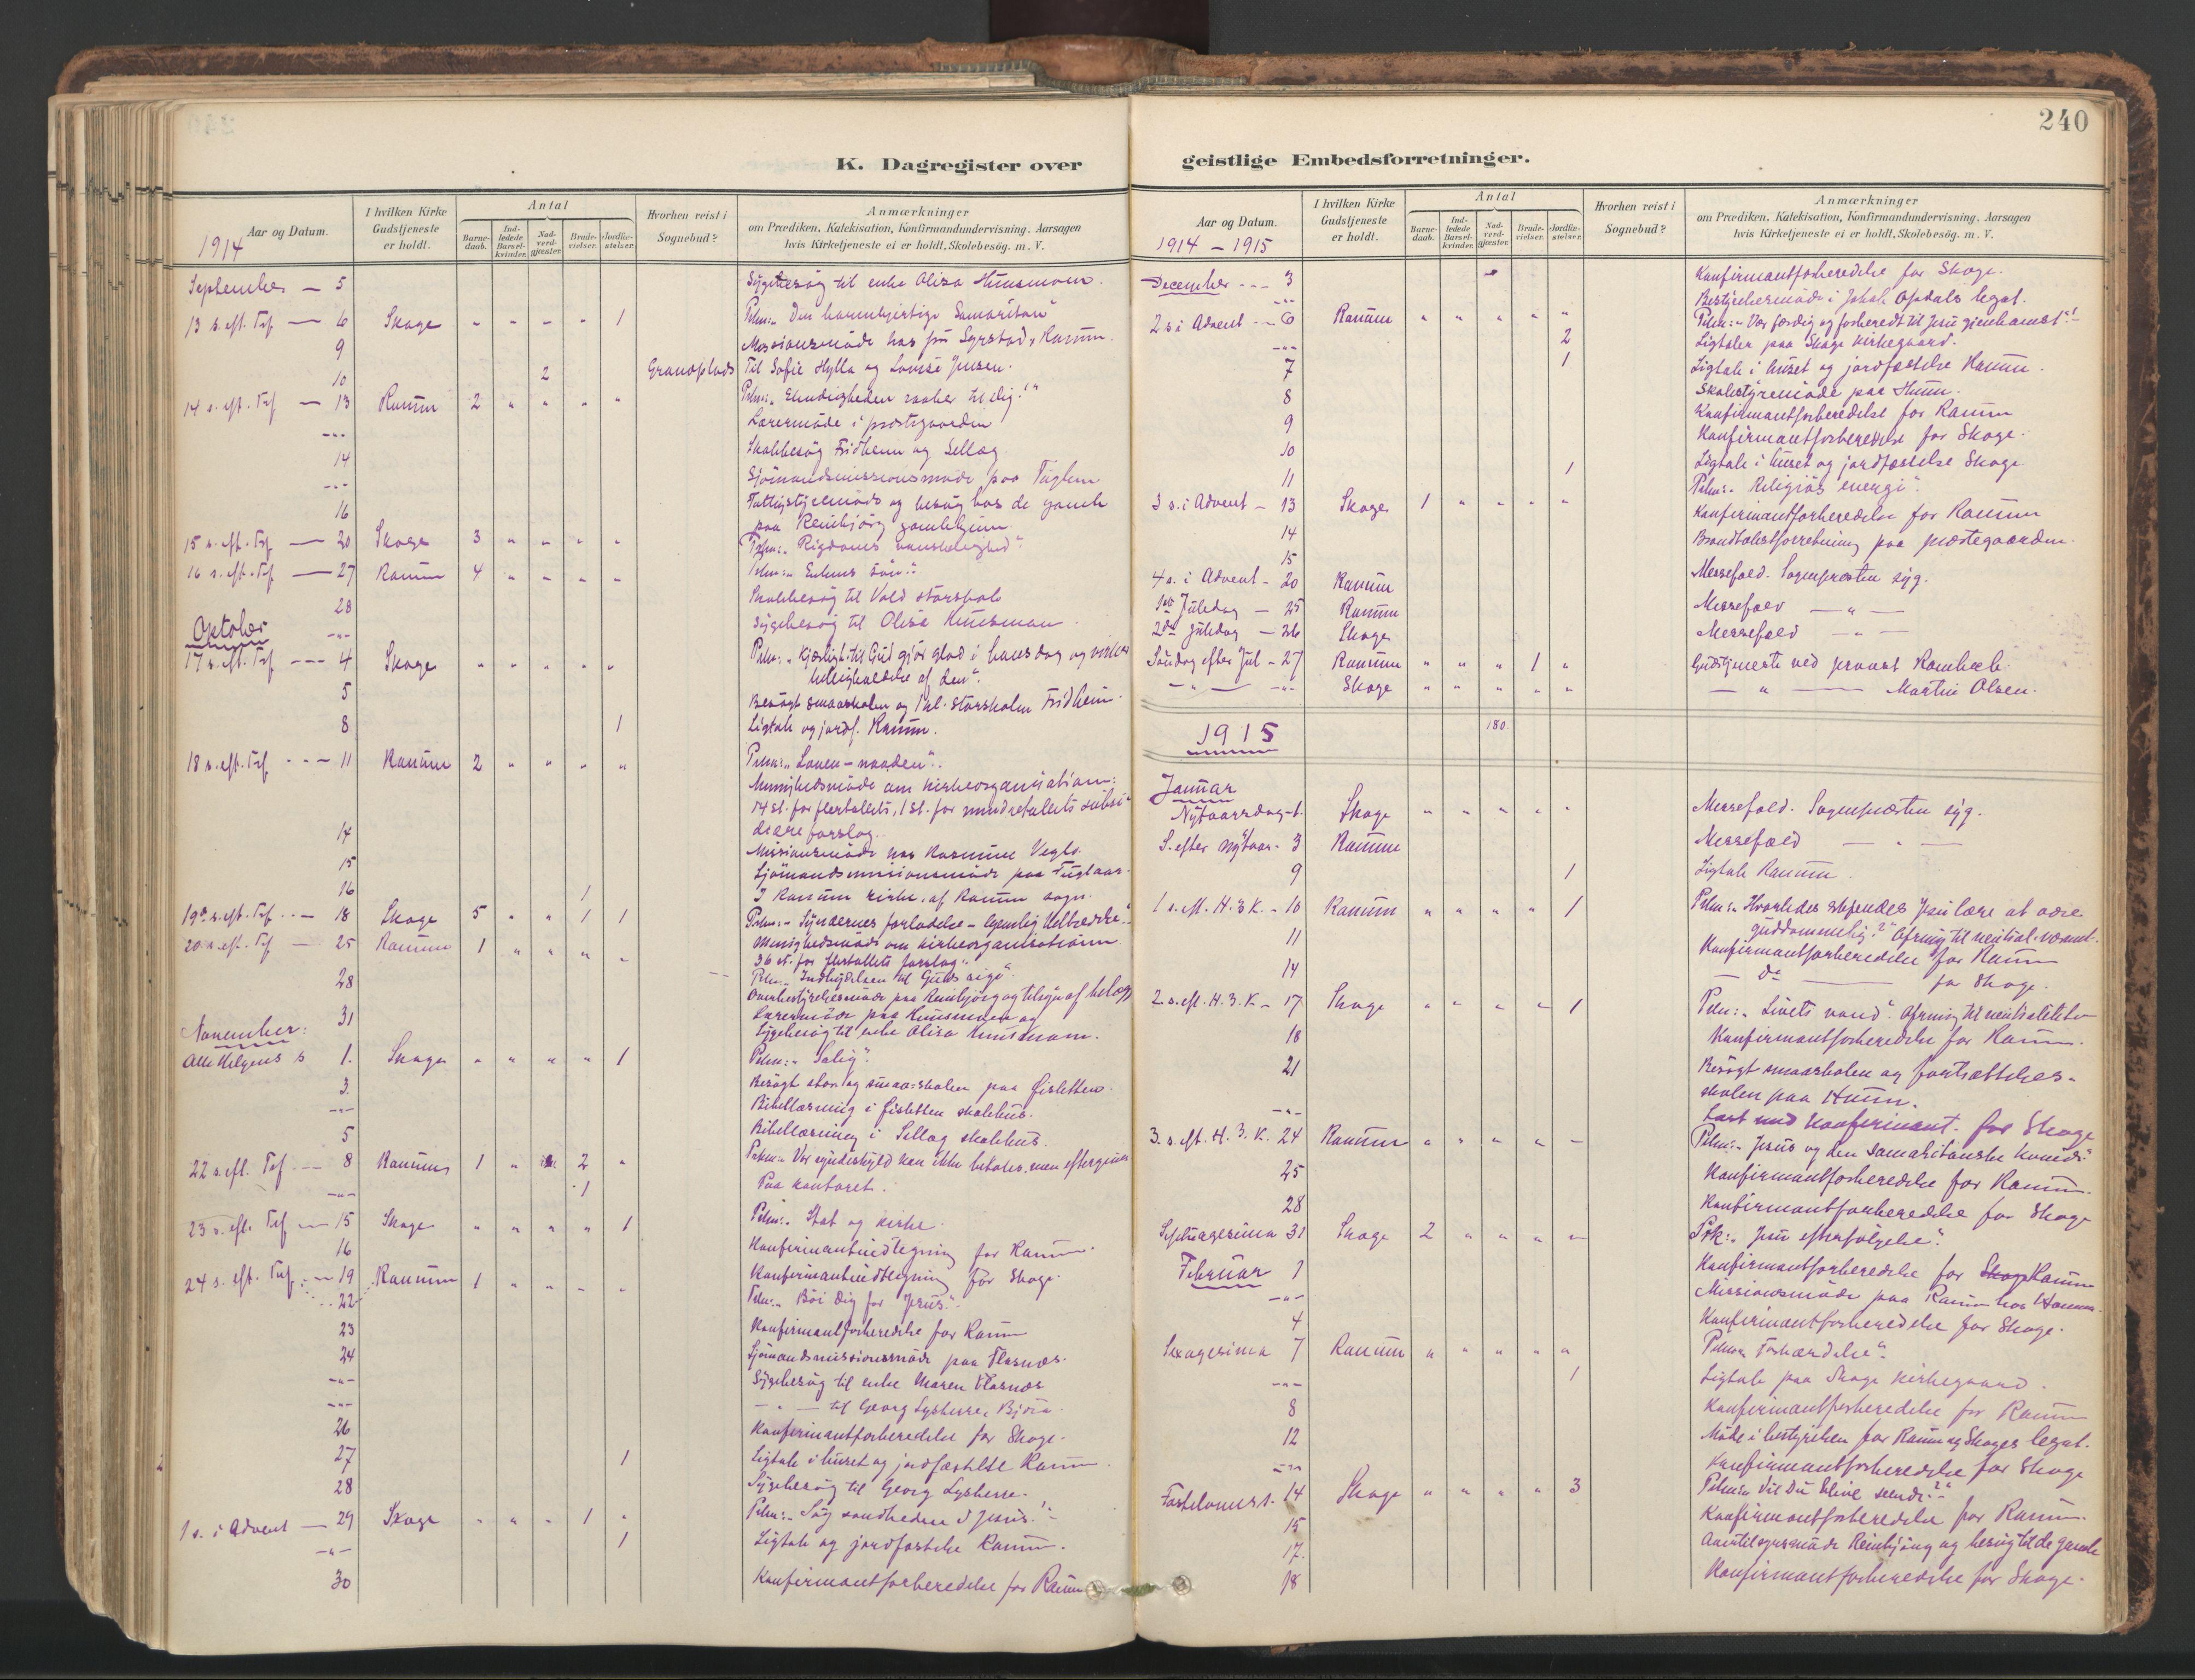 SAT, Ministerialprotokoller, klokkerbøker og fødselsregistre - Nord-Trøndelag, 764/L0556: Ministerialbok nr. 764A11, 1897-1924, s. 240